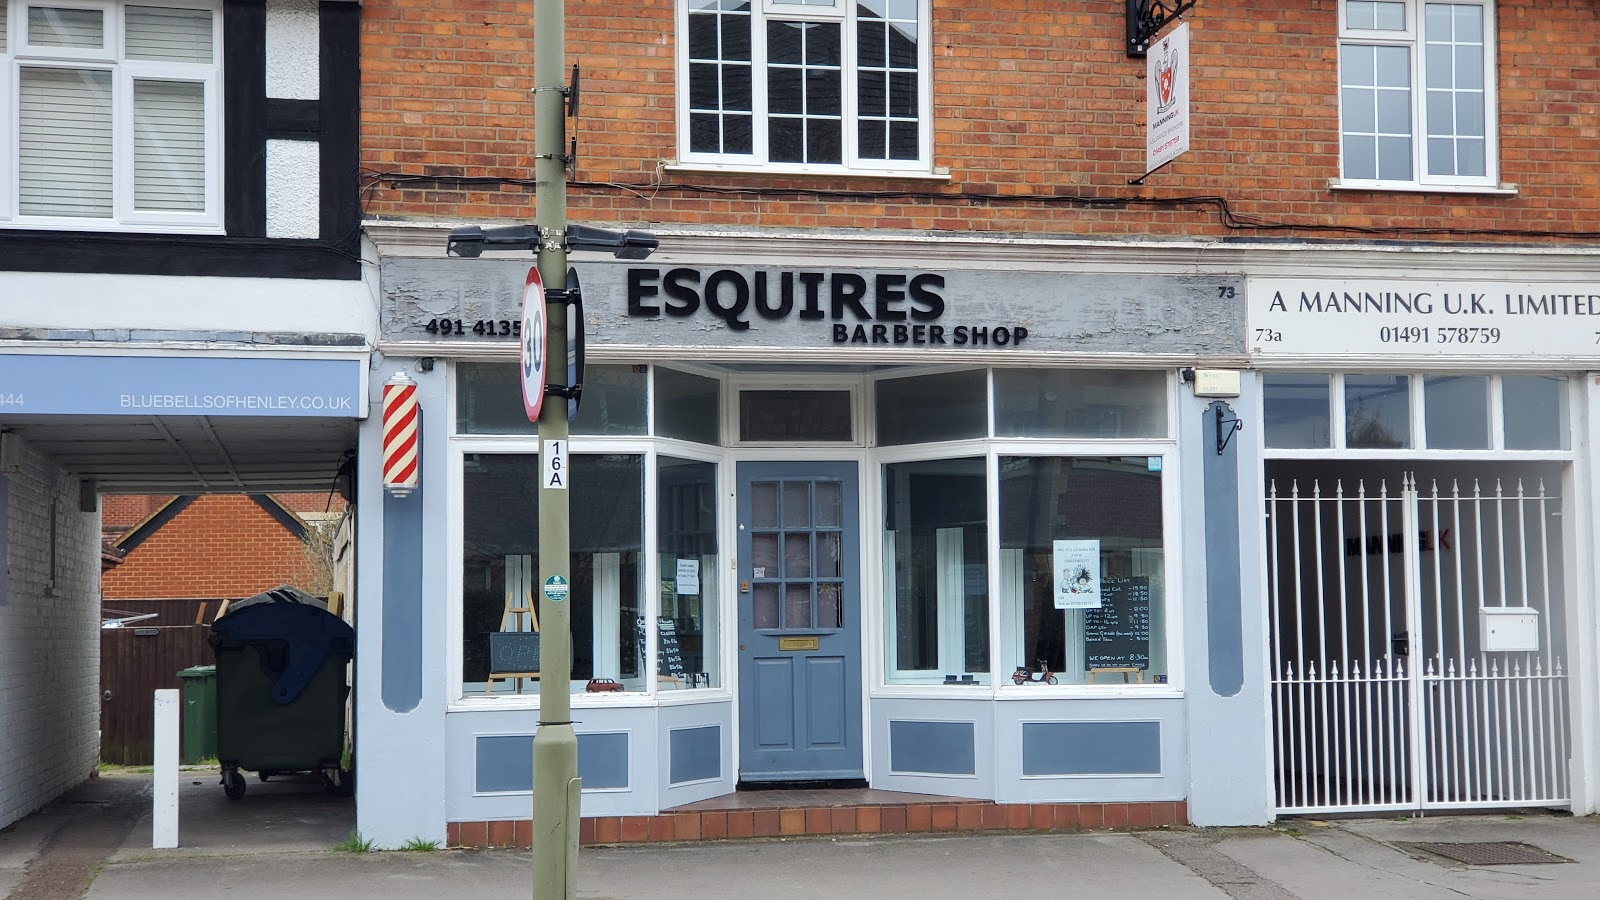 Esquires Barber Shop